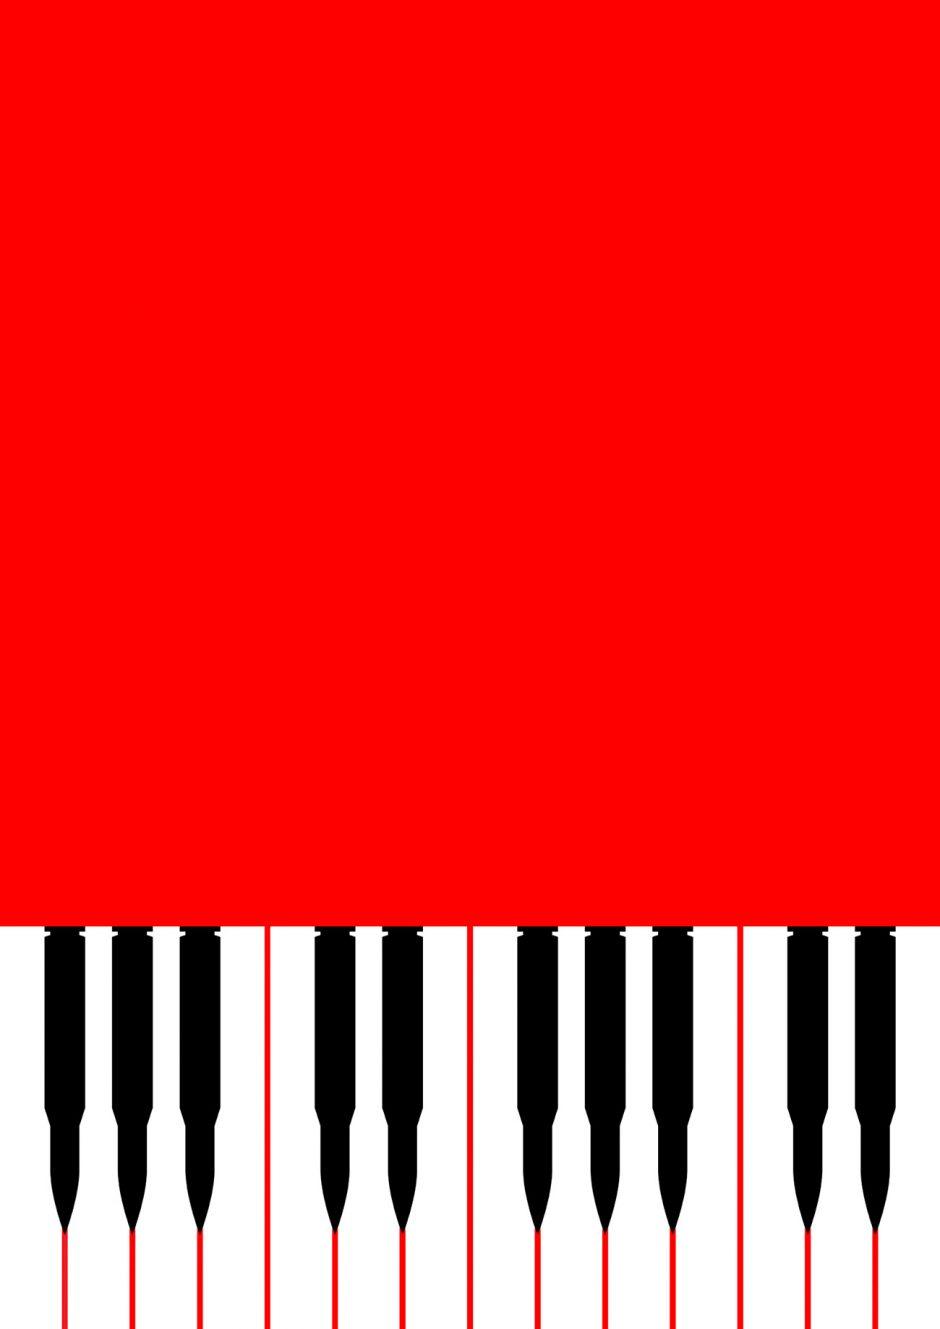 »Für einige Regenten der Welt ist Krieg dasselbe wie Musik, die sie spielen, wann immer sie wollen, ohne die Konsequenzen zu bedenken. Das hat zur Folge, dass unzählige Zivilisten und Soldaten ohne jeglichen Grund sterben!«